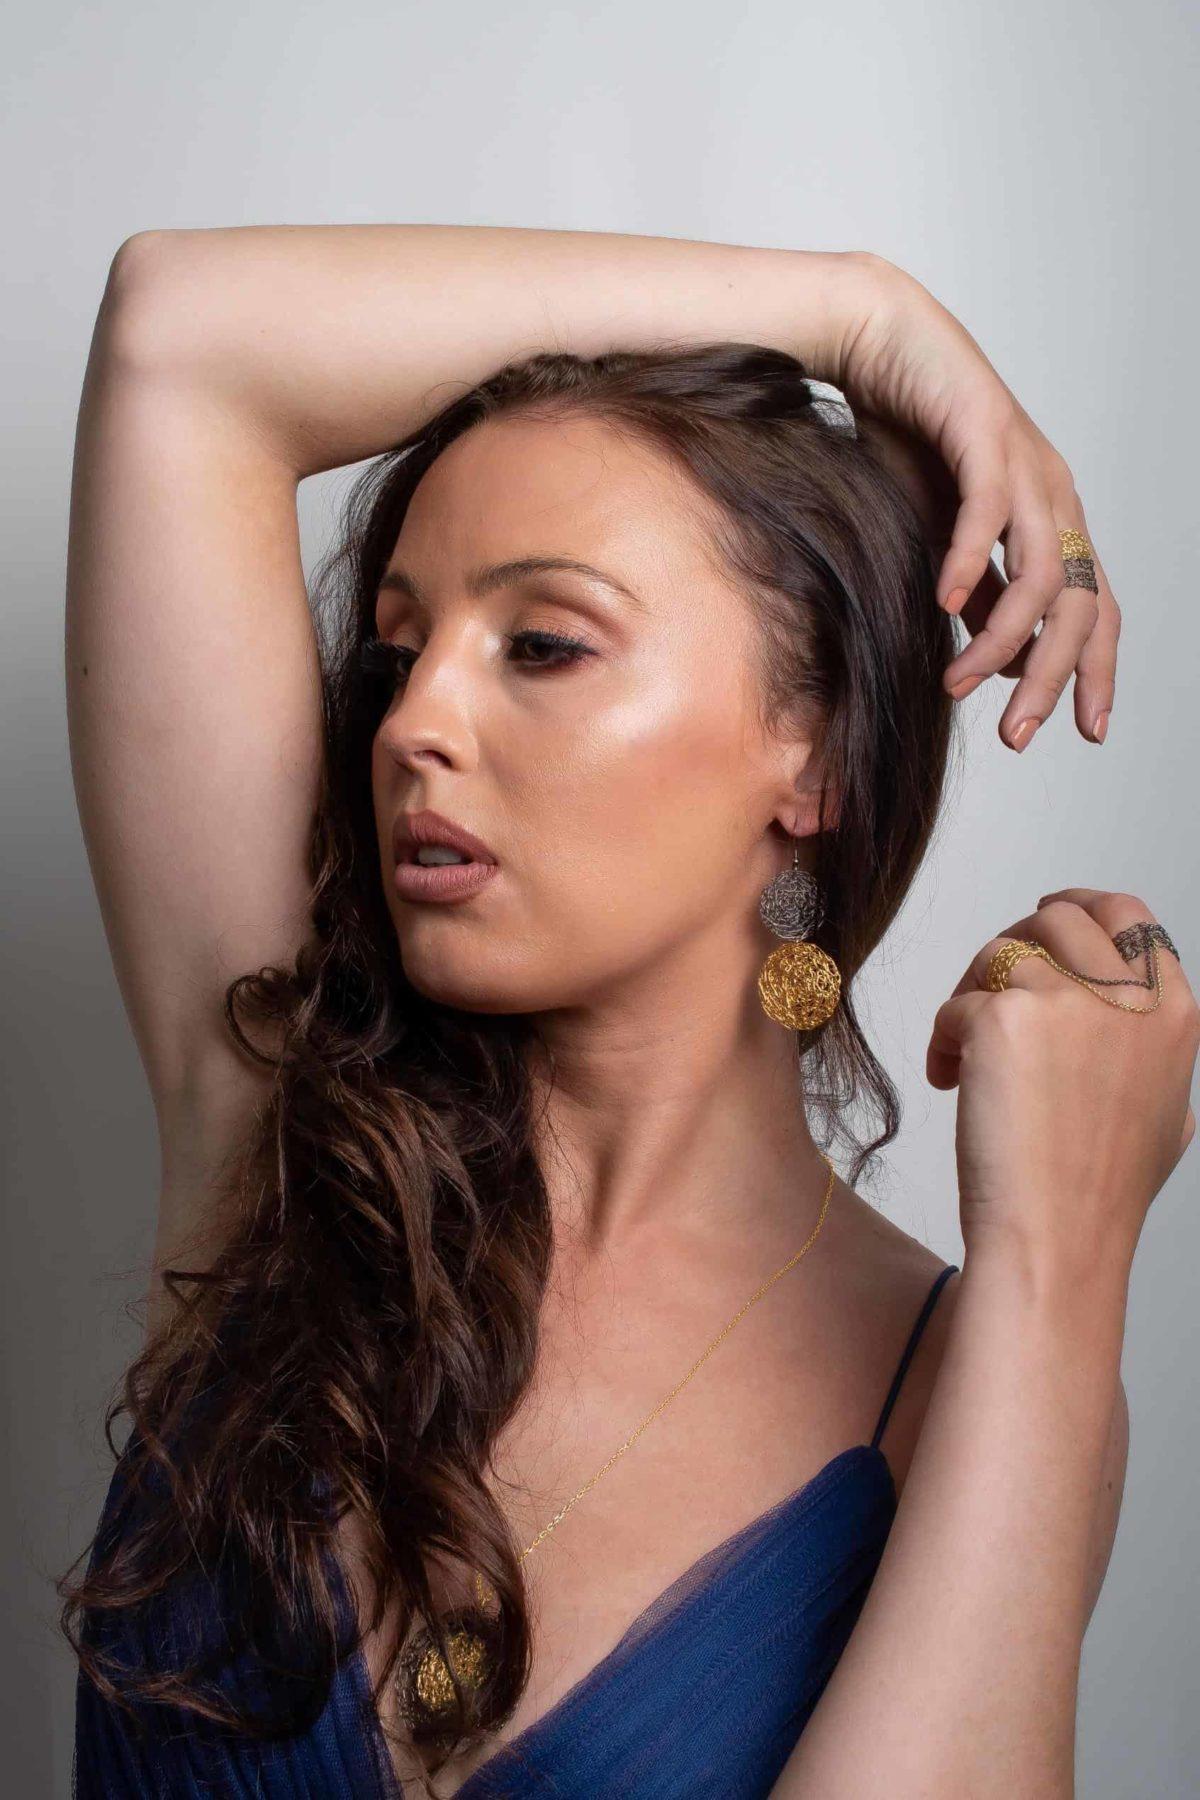 White model wearing gold statement earrings